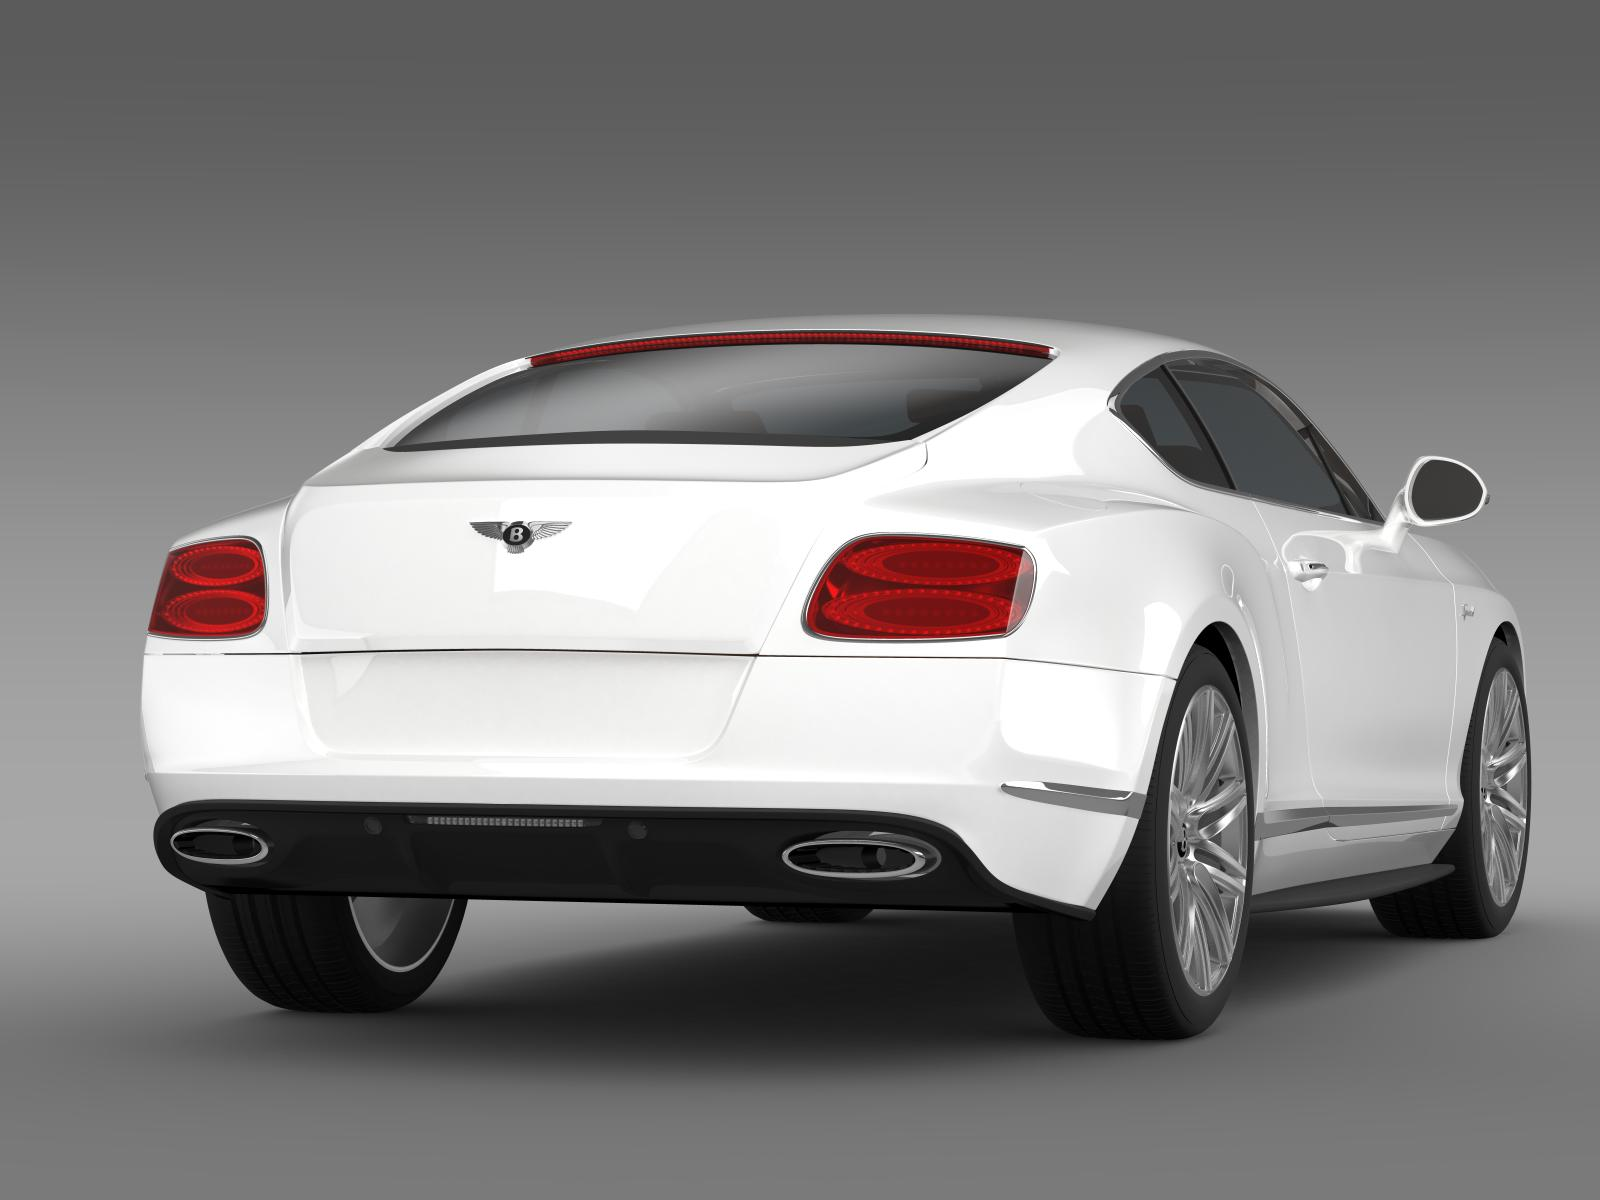 Bentley Continental Gt Speed 2014 3d Model Buy Bentley